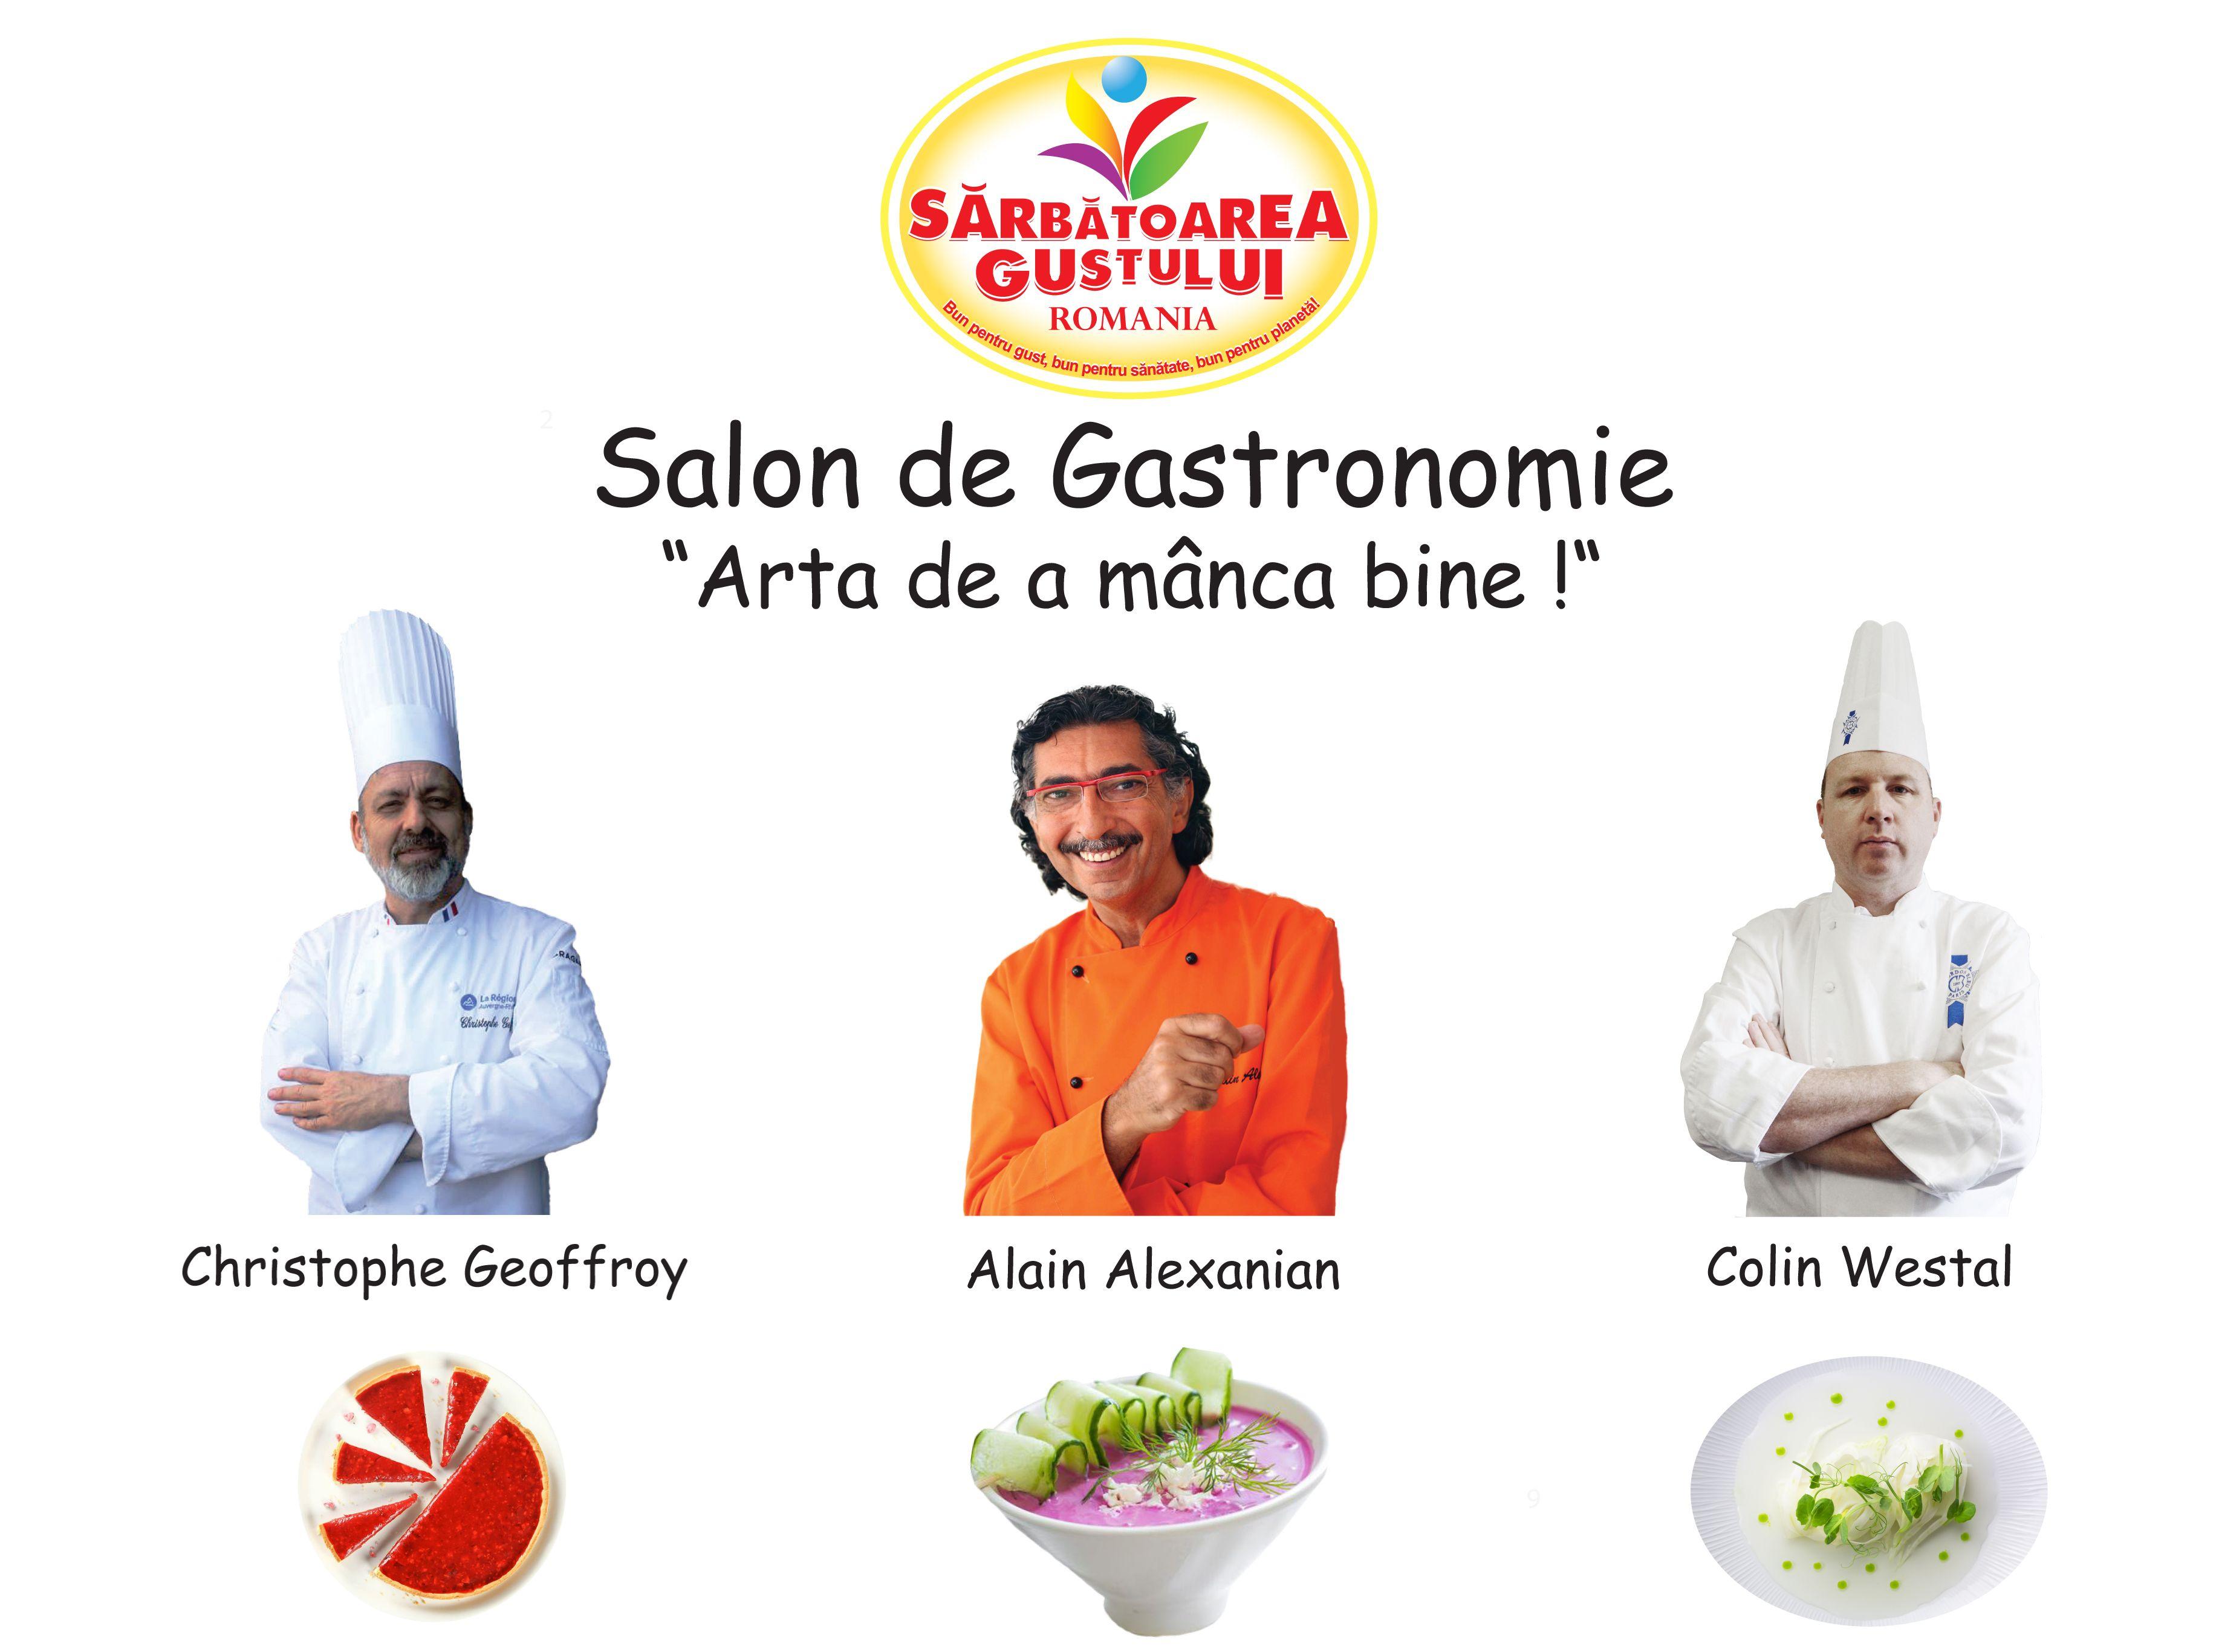 Salon_de_Gastronomie_Sarbatoarea_Gustului